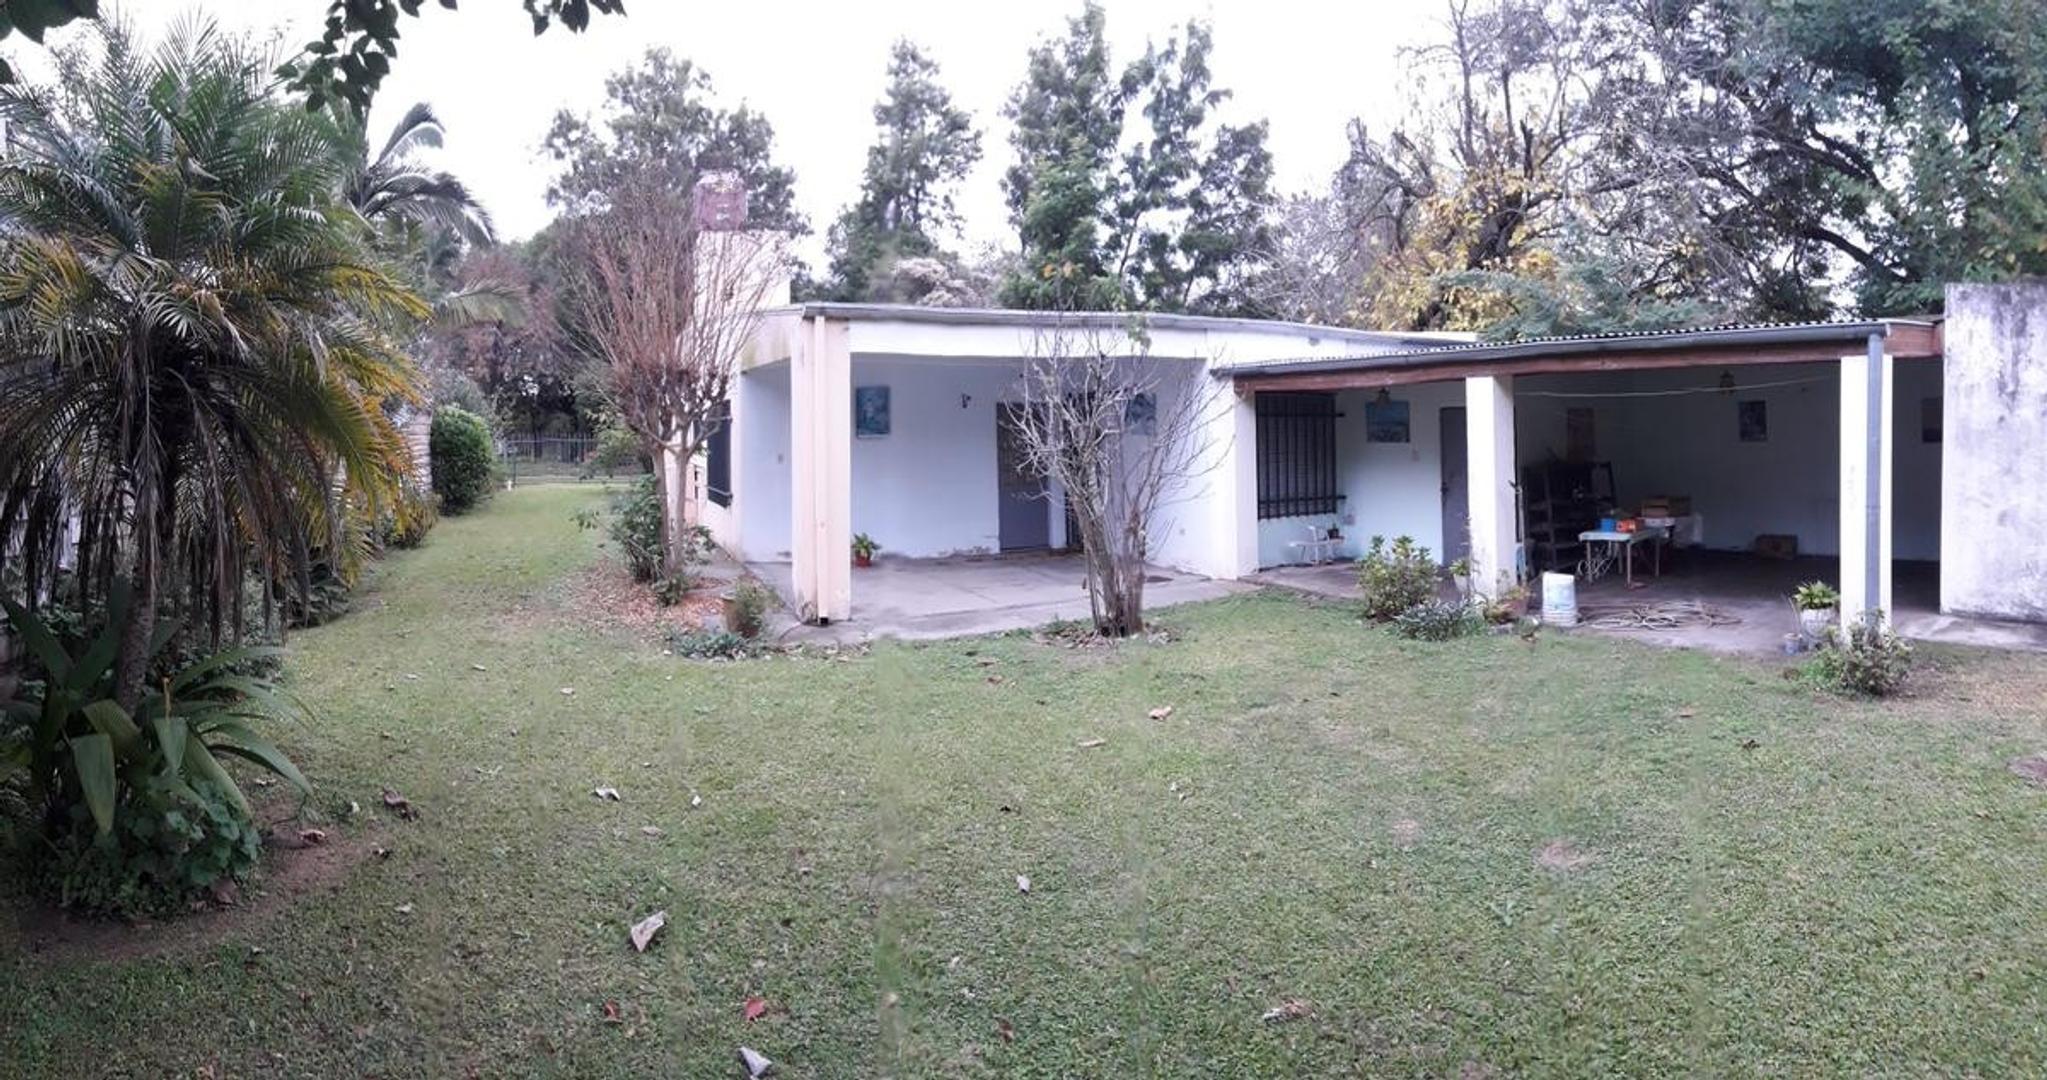 COLASTINE a 50 mts RP1, casa con 4 dormitorios y gran patio